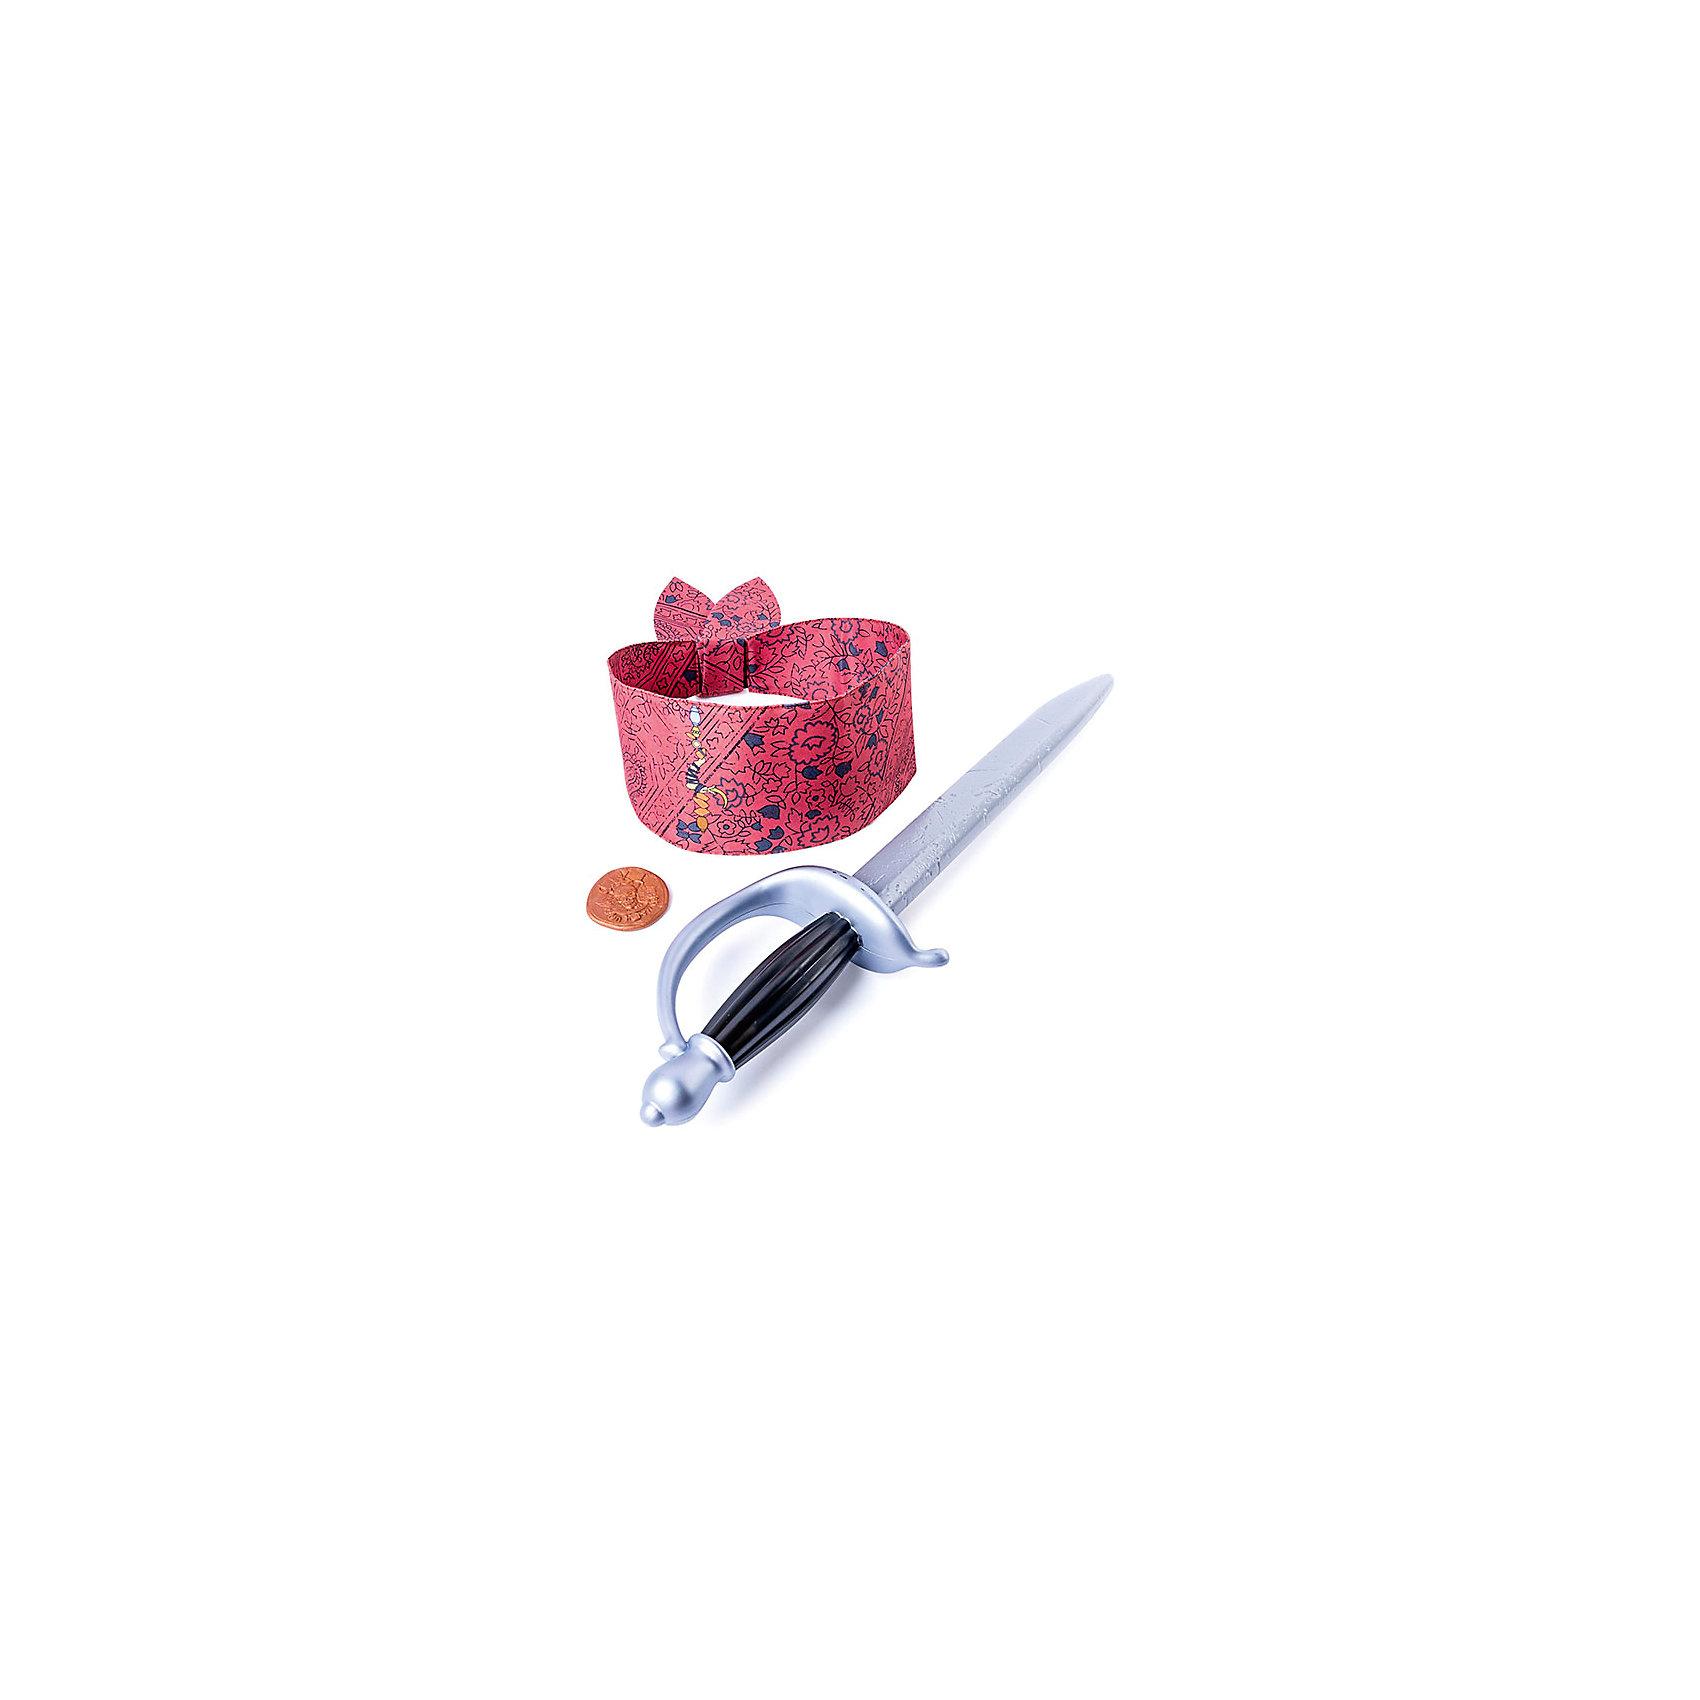 Набор Джека Воробья: пиратская шпага, повязка, монета, Spin Master, Пираты Карибского моряБластеры, пистолеты и прочее<br>Характеристики товара:<br><br>• возраст: от 4 лет;<br>• материал: пластик;<br>• в комплекте: монета, шпага, повязка;<br>• размер упаковки: 50х16х9 см;<br>• вес упаковки: 210 гр.;<br>• страна производитель: Китай.<br><br>Набор Джека Воробья «Пиратская шпага, повязка, монета» Пираты Карибского моря Spin Master создан по мотивам известного фильма «Пираты Карибского моря: Мертвецы не рассказывают сказки». В наборе неизменные атрибуты капитана Джека Воробья, с которыми дети могут устраивать игры и воспроизводить сценки из фильма.<br><br>Набор Джека Воробья «Пиратская шпага, повязка, монета» Пираты Карибского моря Spin Master можно приобрести в нашем интернет-магазине.<br><br>Ширина мм: 60<br>Глубина мм: 140<br>Высота мм: 380<br>Вес г: 390<br>Возраст от месяцев: 48<br>Возраст до месяцев: 2147483647<br>Пол: Мужской<br>Возраст: Детский<br>SKU: 6873835